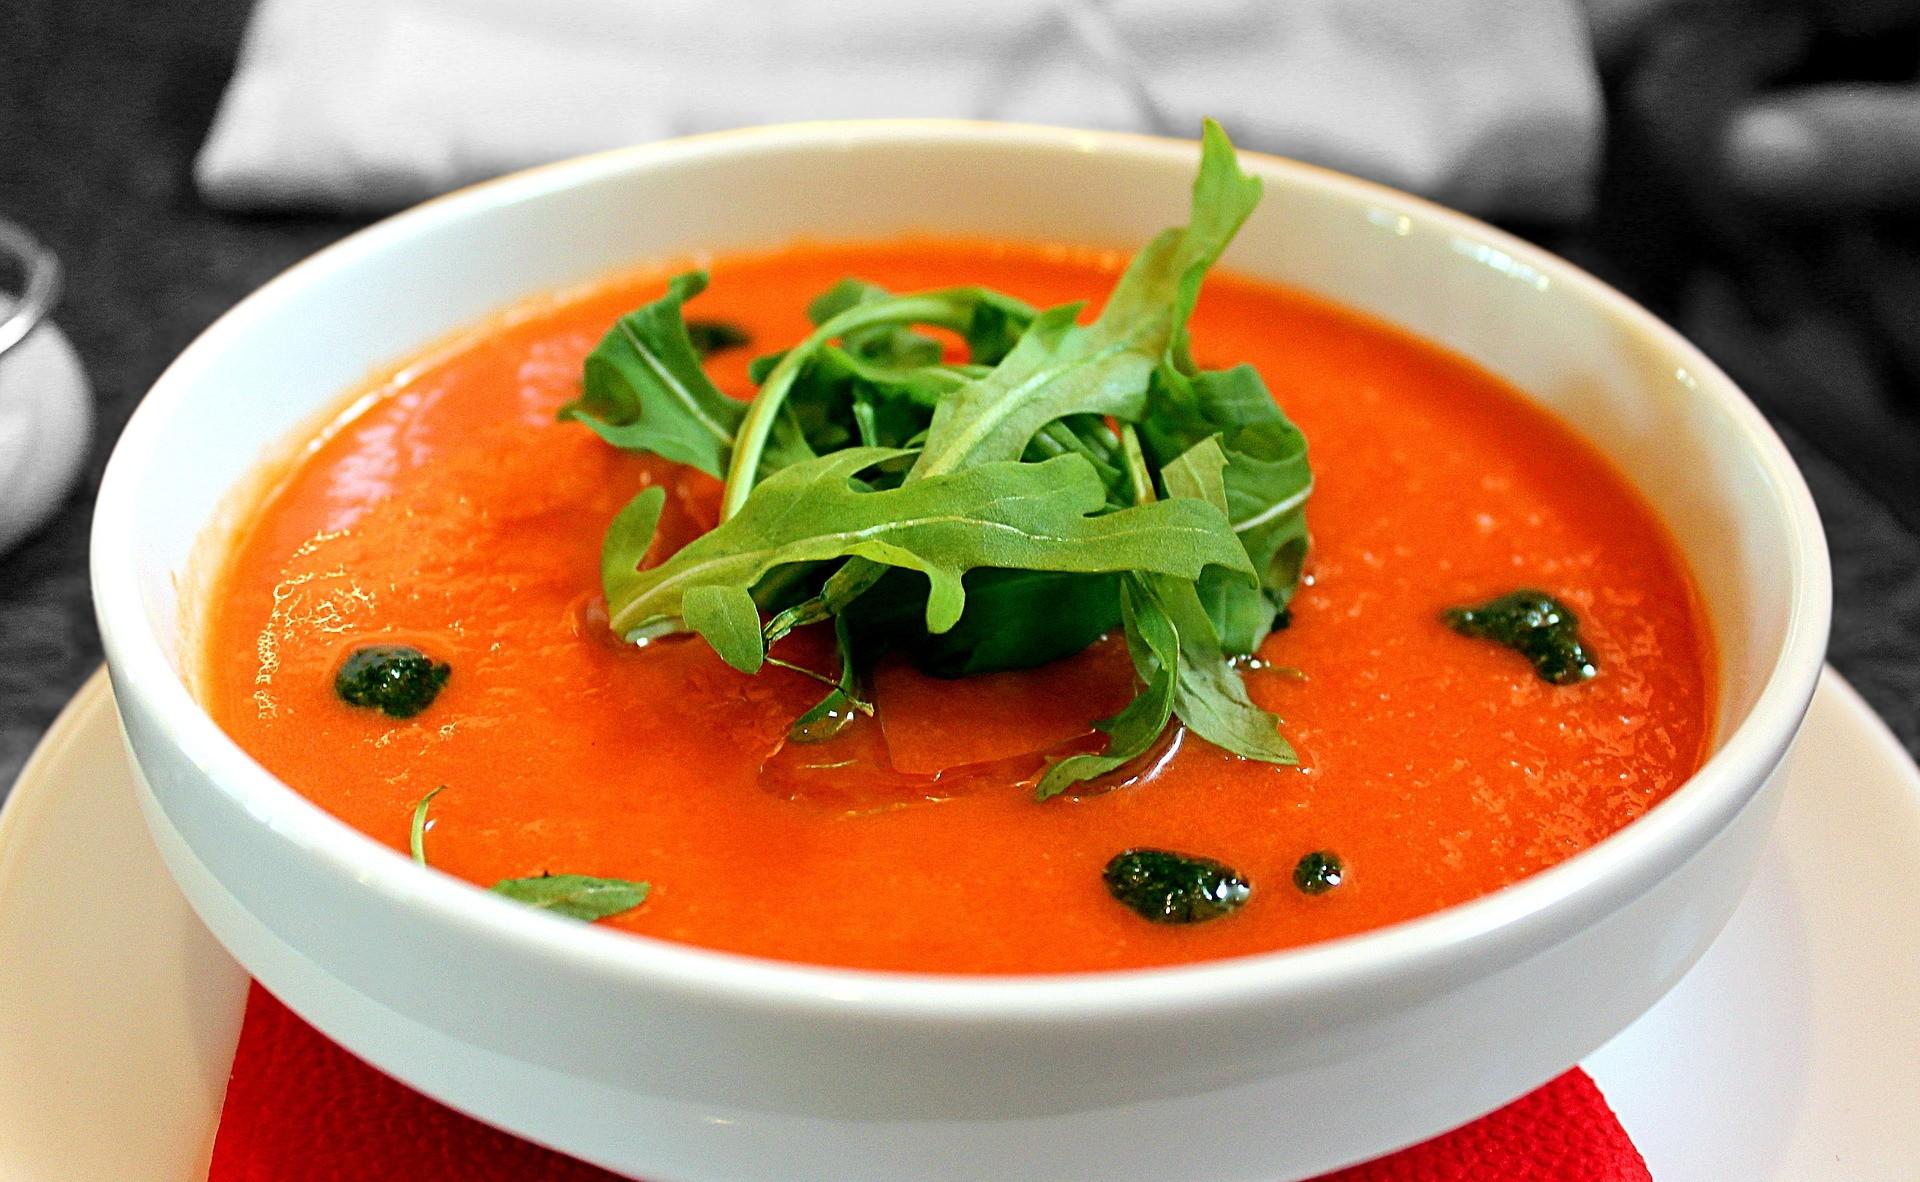 gastronomia-andalusa-e-le-sue-versioni-vegane-b4975a151880919c7e8b6a4b00199c55.jpg